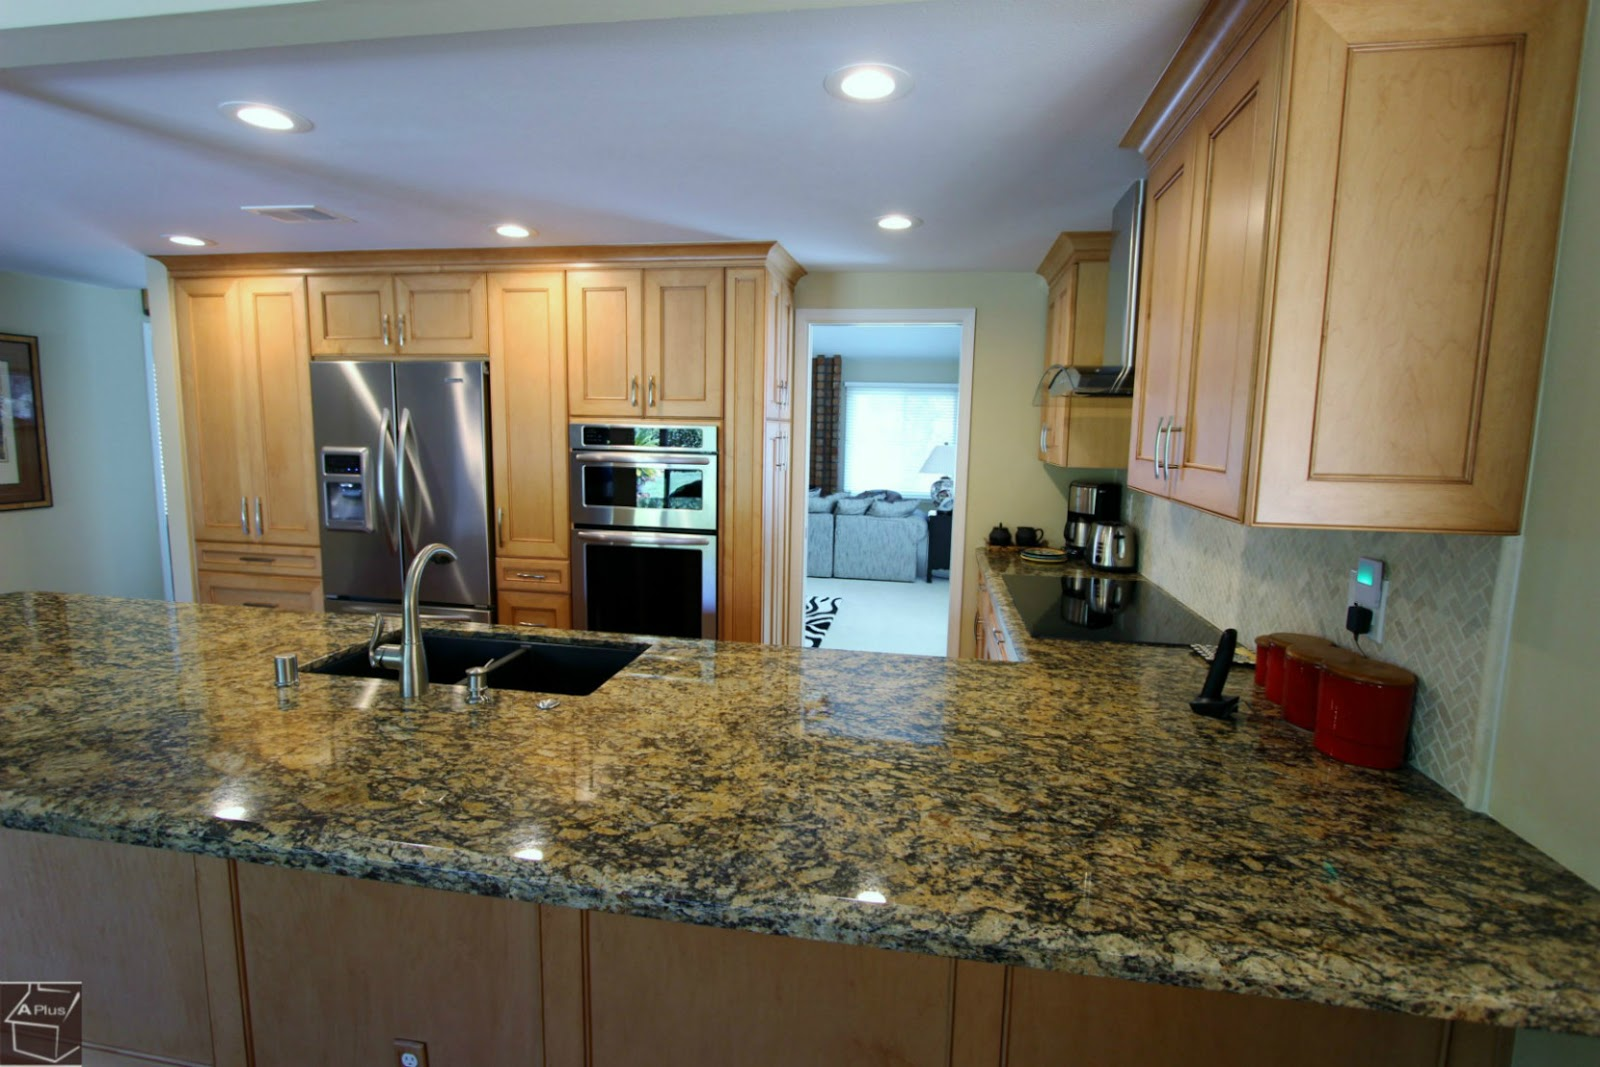 Anaheim Hills Kitchen Remodel With Custom Cabinets - Kitchen remodeling anaheim